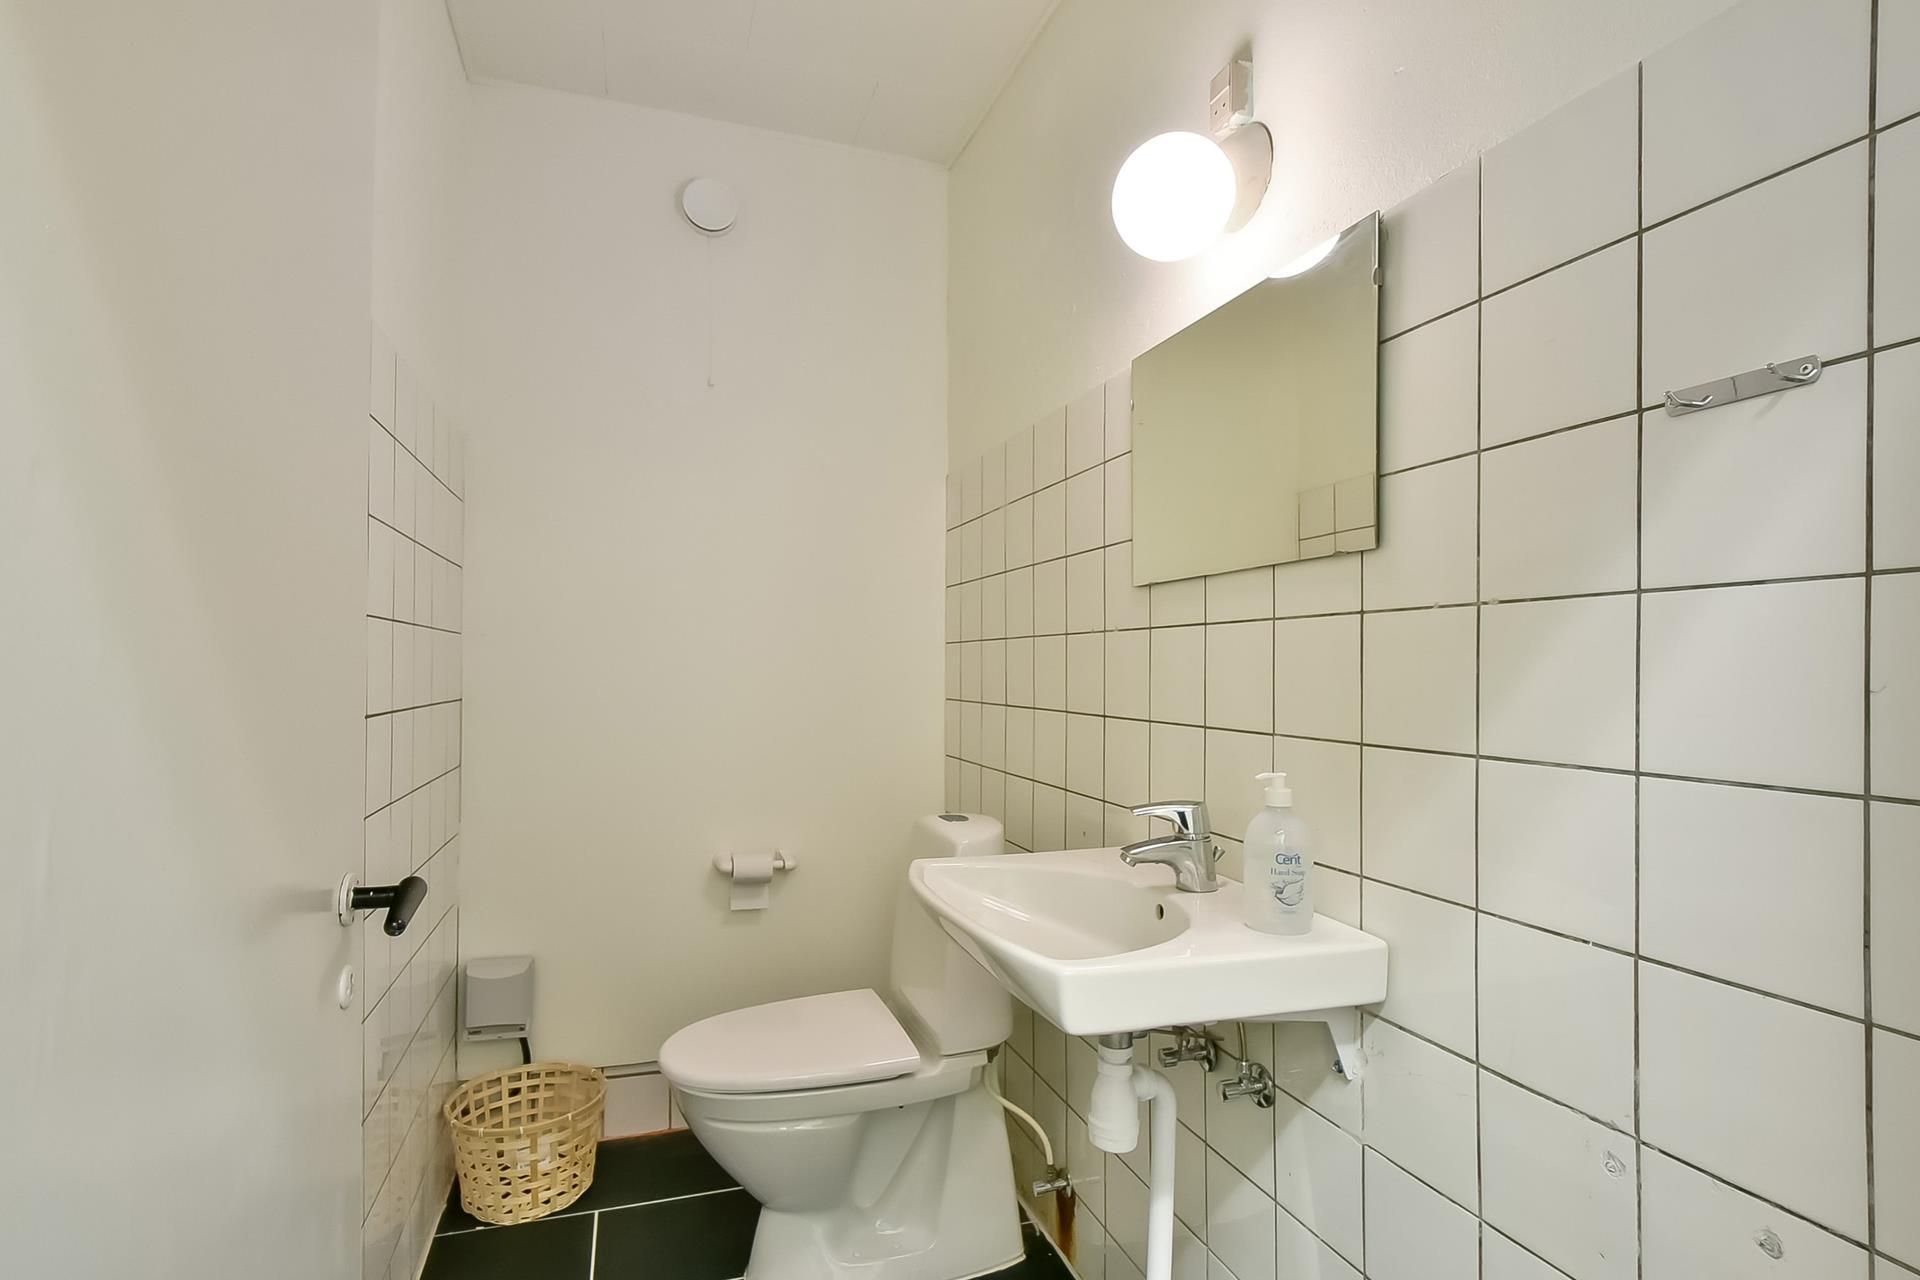 Bolig/erhverv på Strøget i Ikast - WC